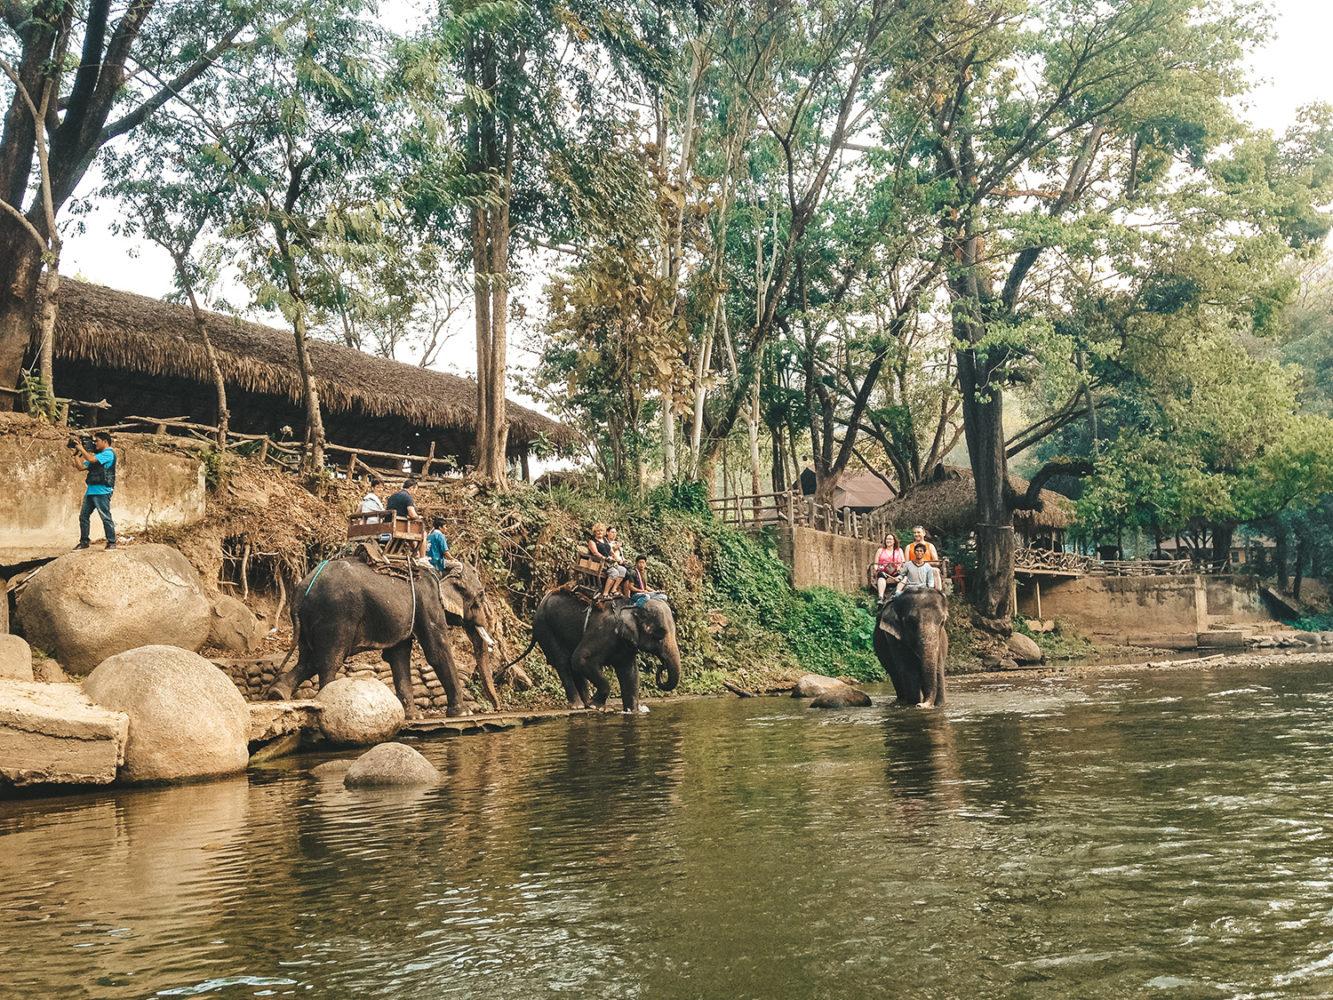 La fameuse balade sur le dos de ces pauvres éléphants